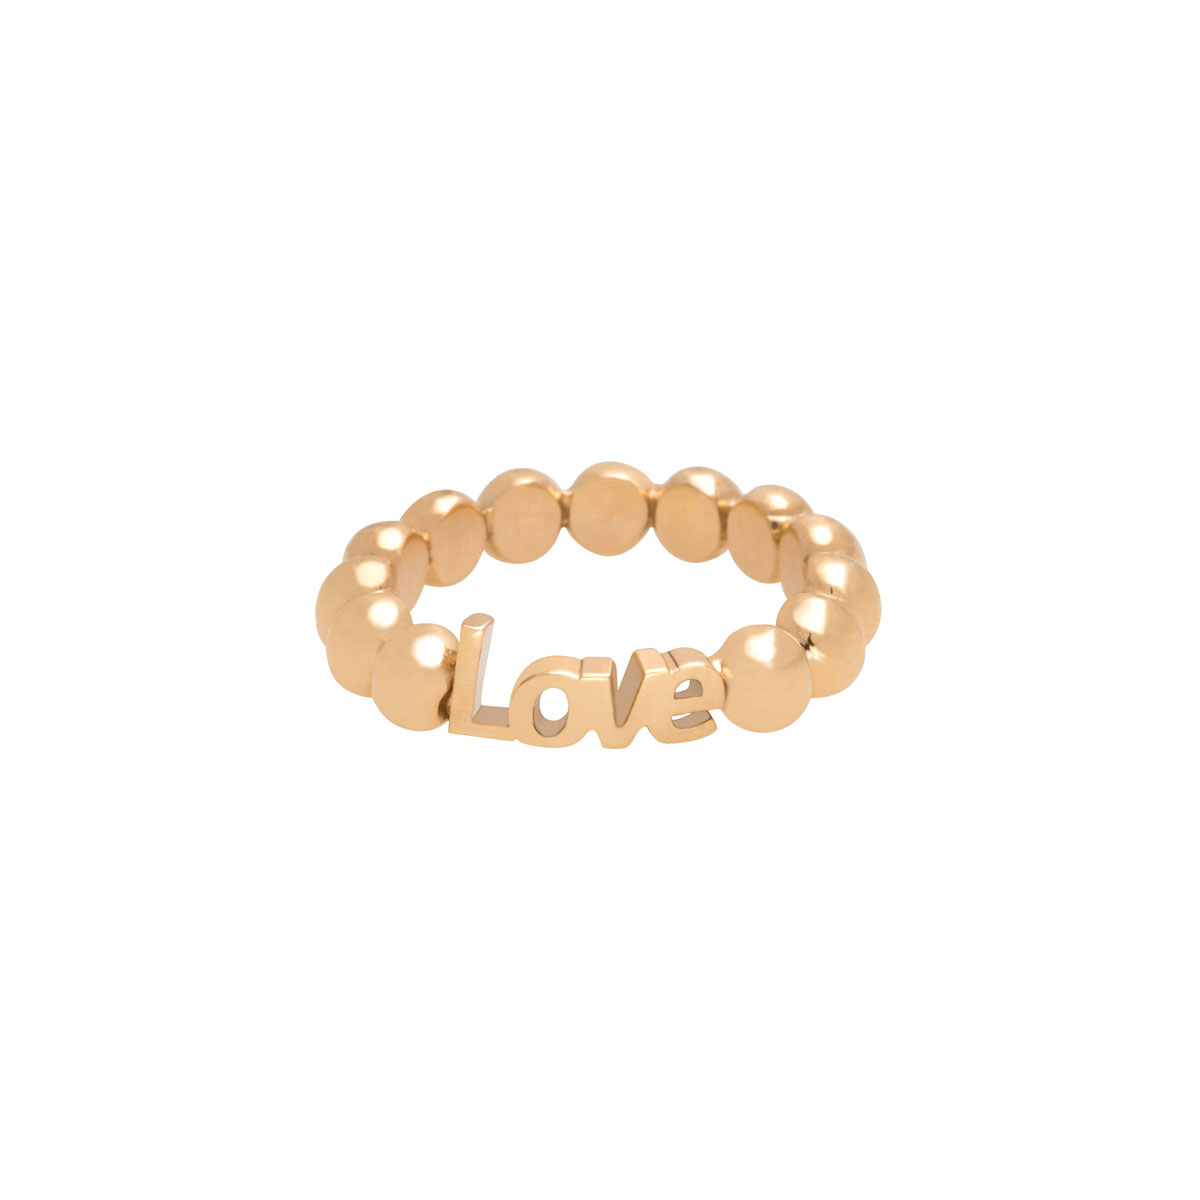 پرسته انگشتر طلا Love کوچک